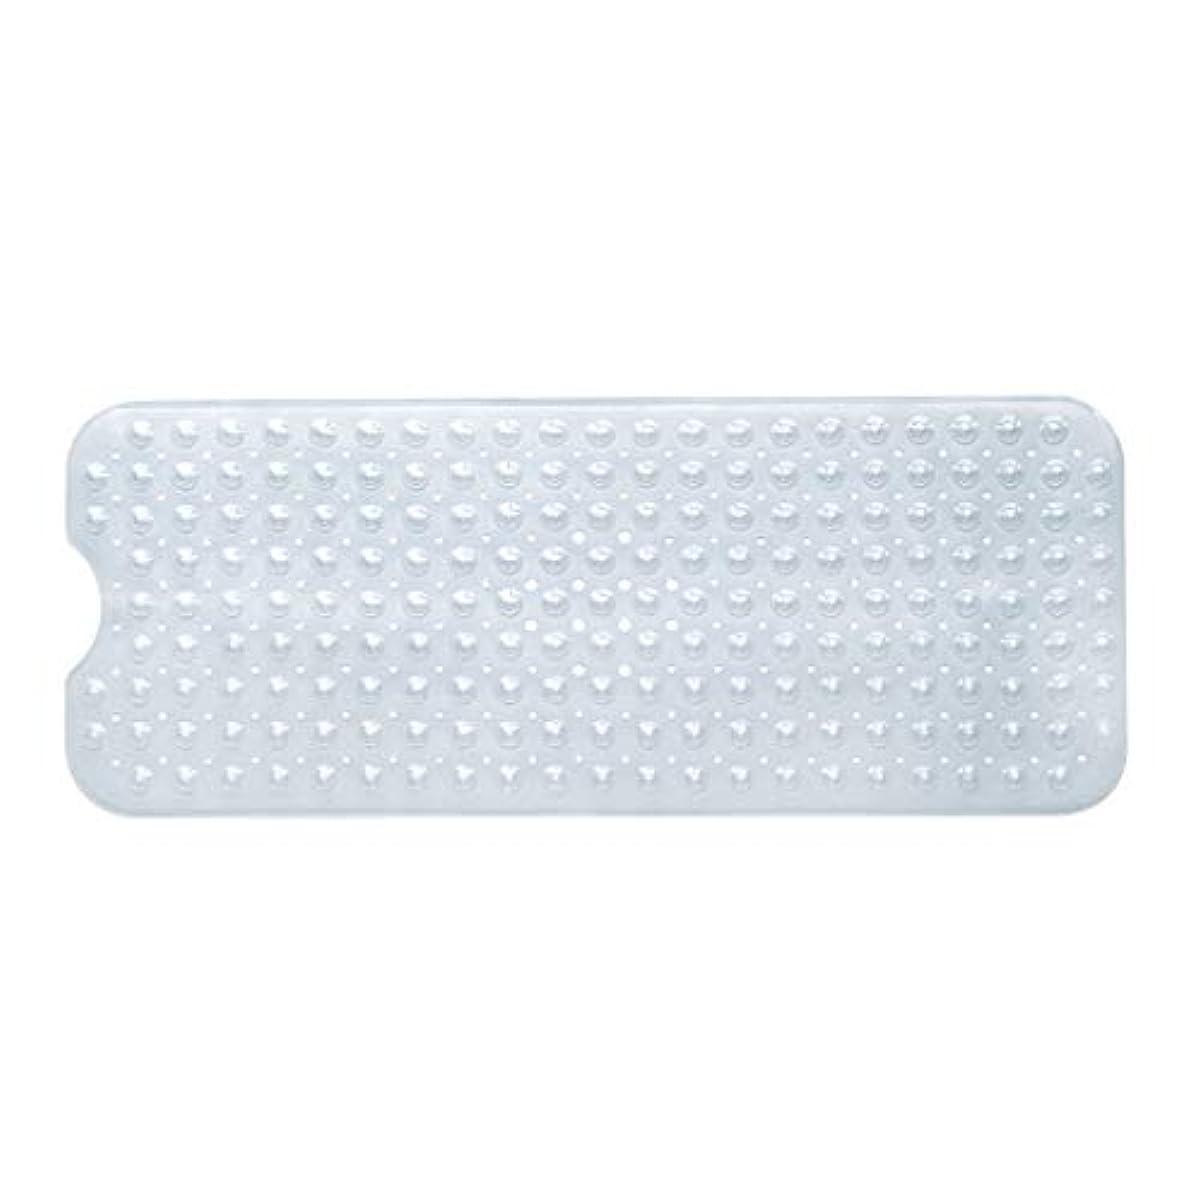 一貫性のないぬるい五月Swiftgood エクストラロングバスタブマットカビ抵抗性滑り止めバスマット洗濯機用浴室用洗えるPVCシャワーマット15.7